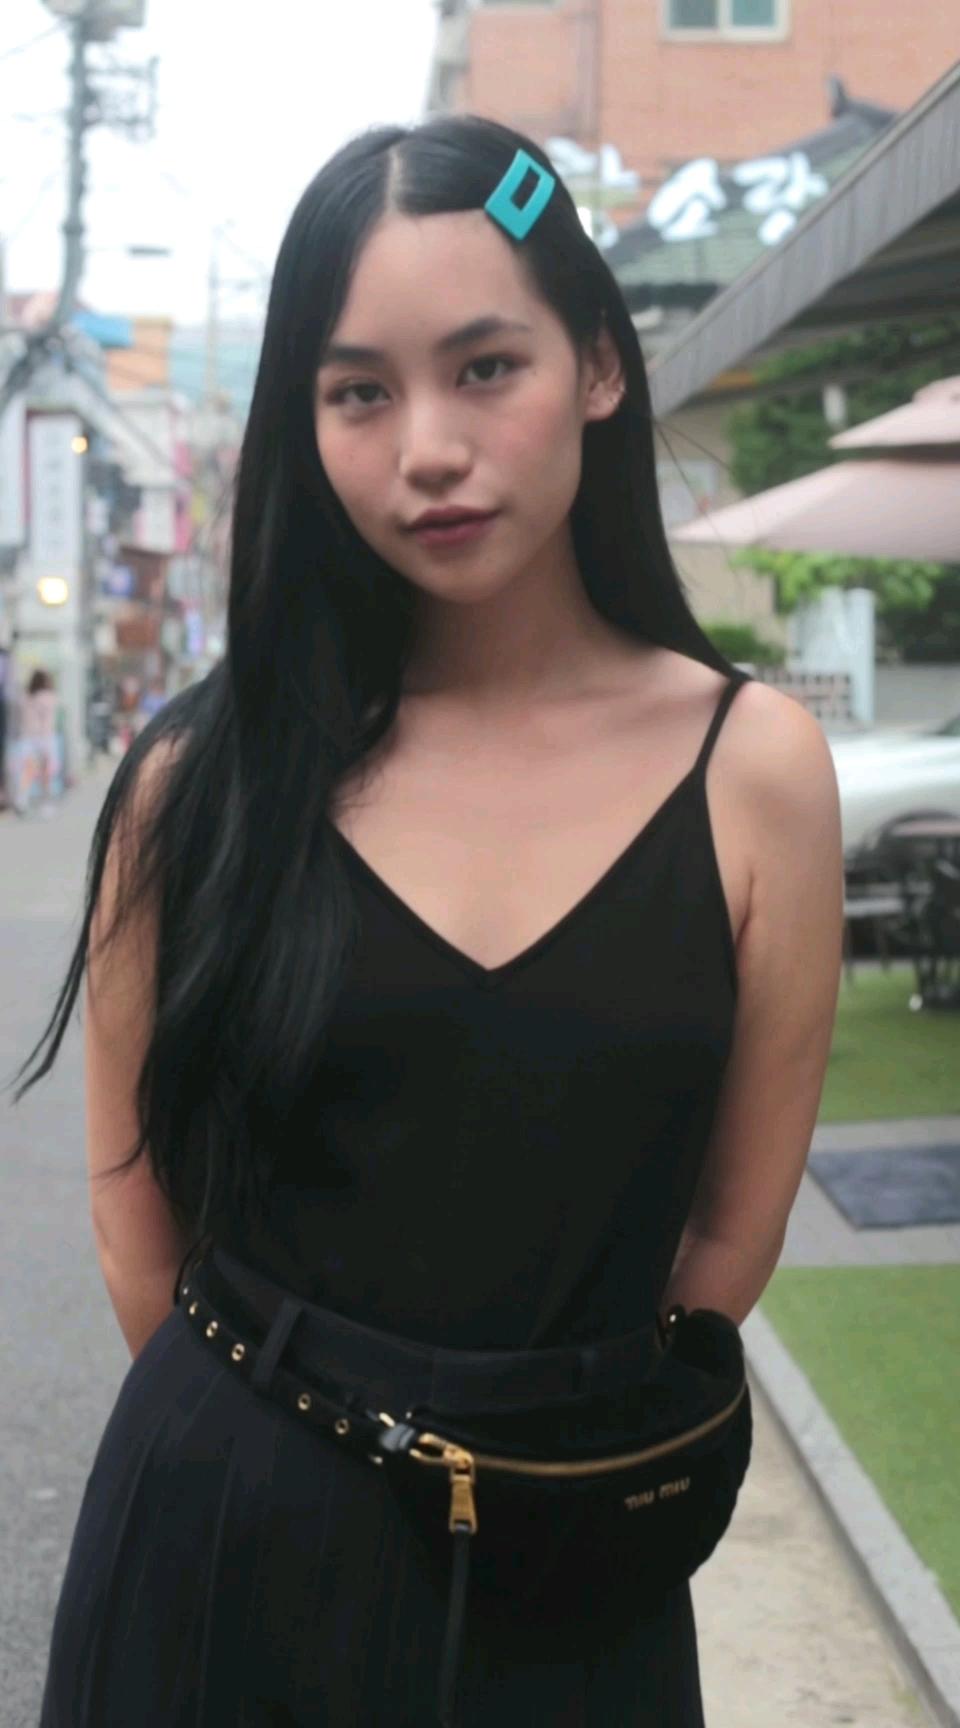 一身黑的泰国小姐姐好酷,她对自己的穿搭真的很严格~#首尔# 你给小姐姐的穿搭打几分?